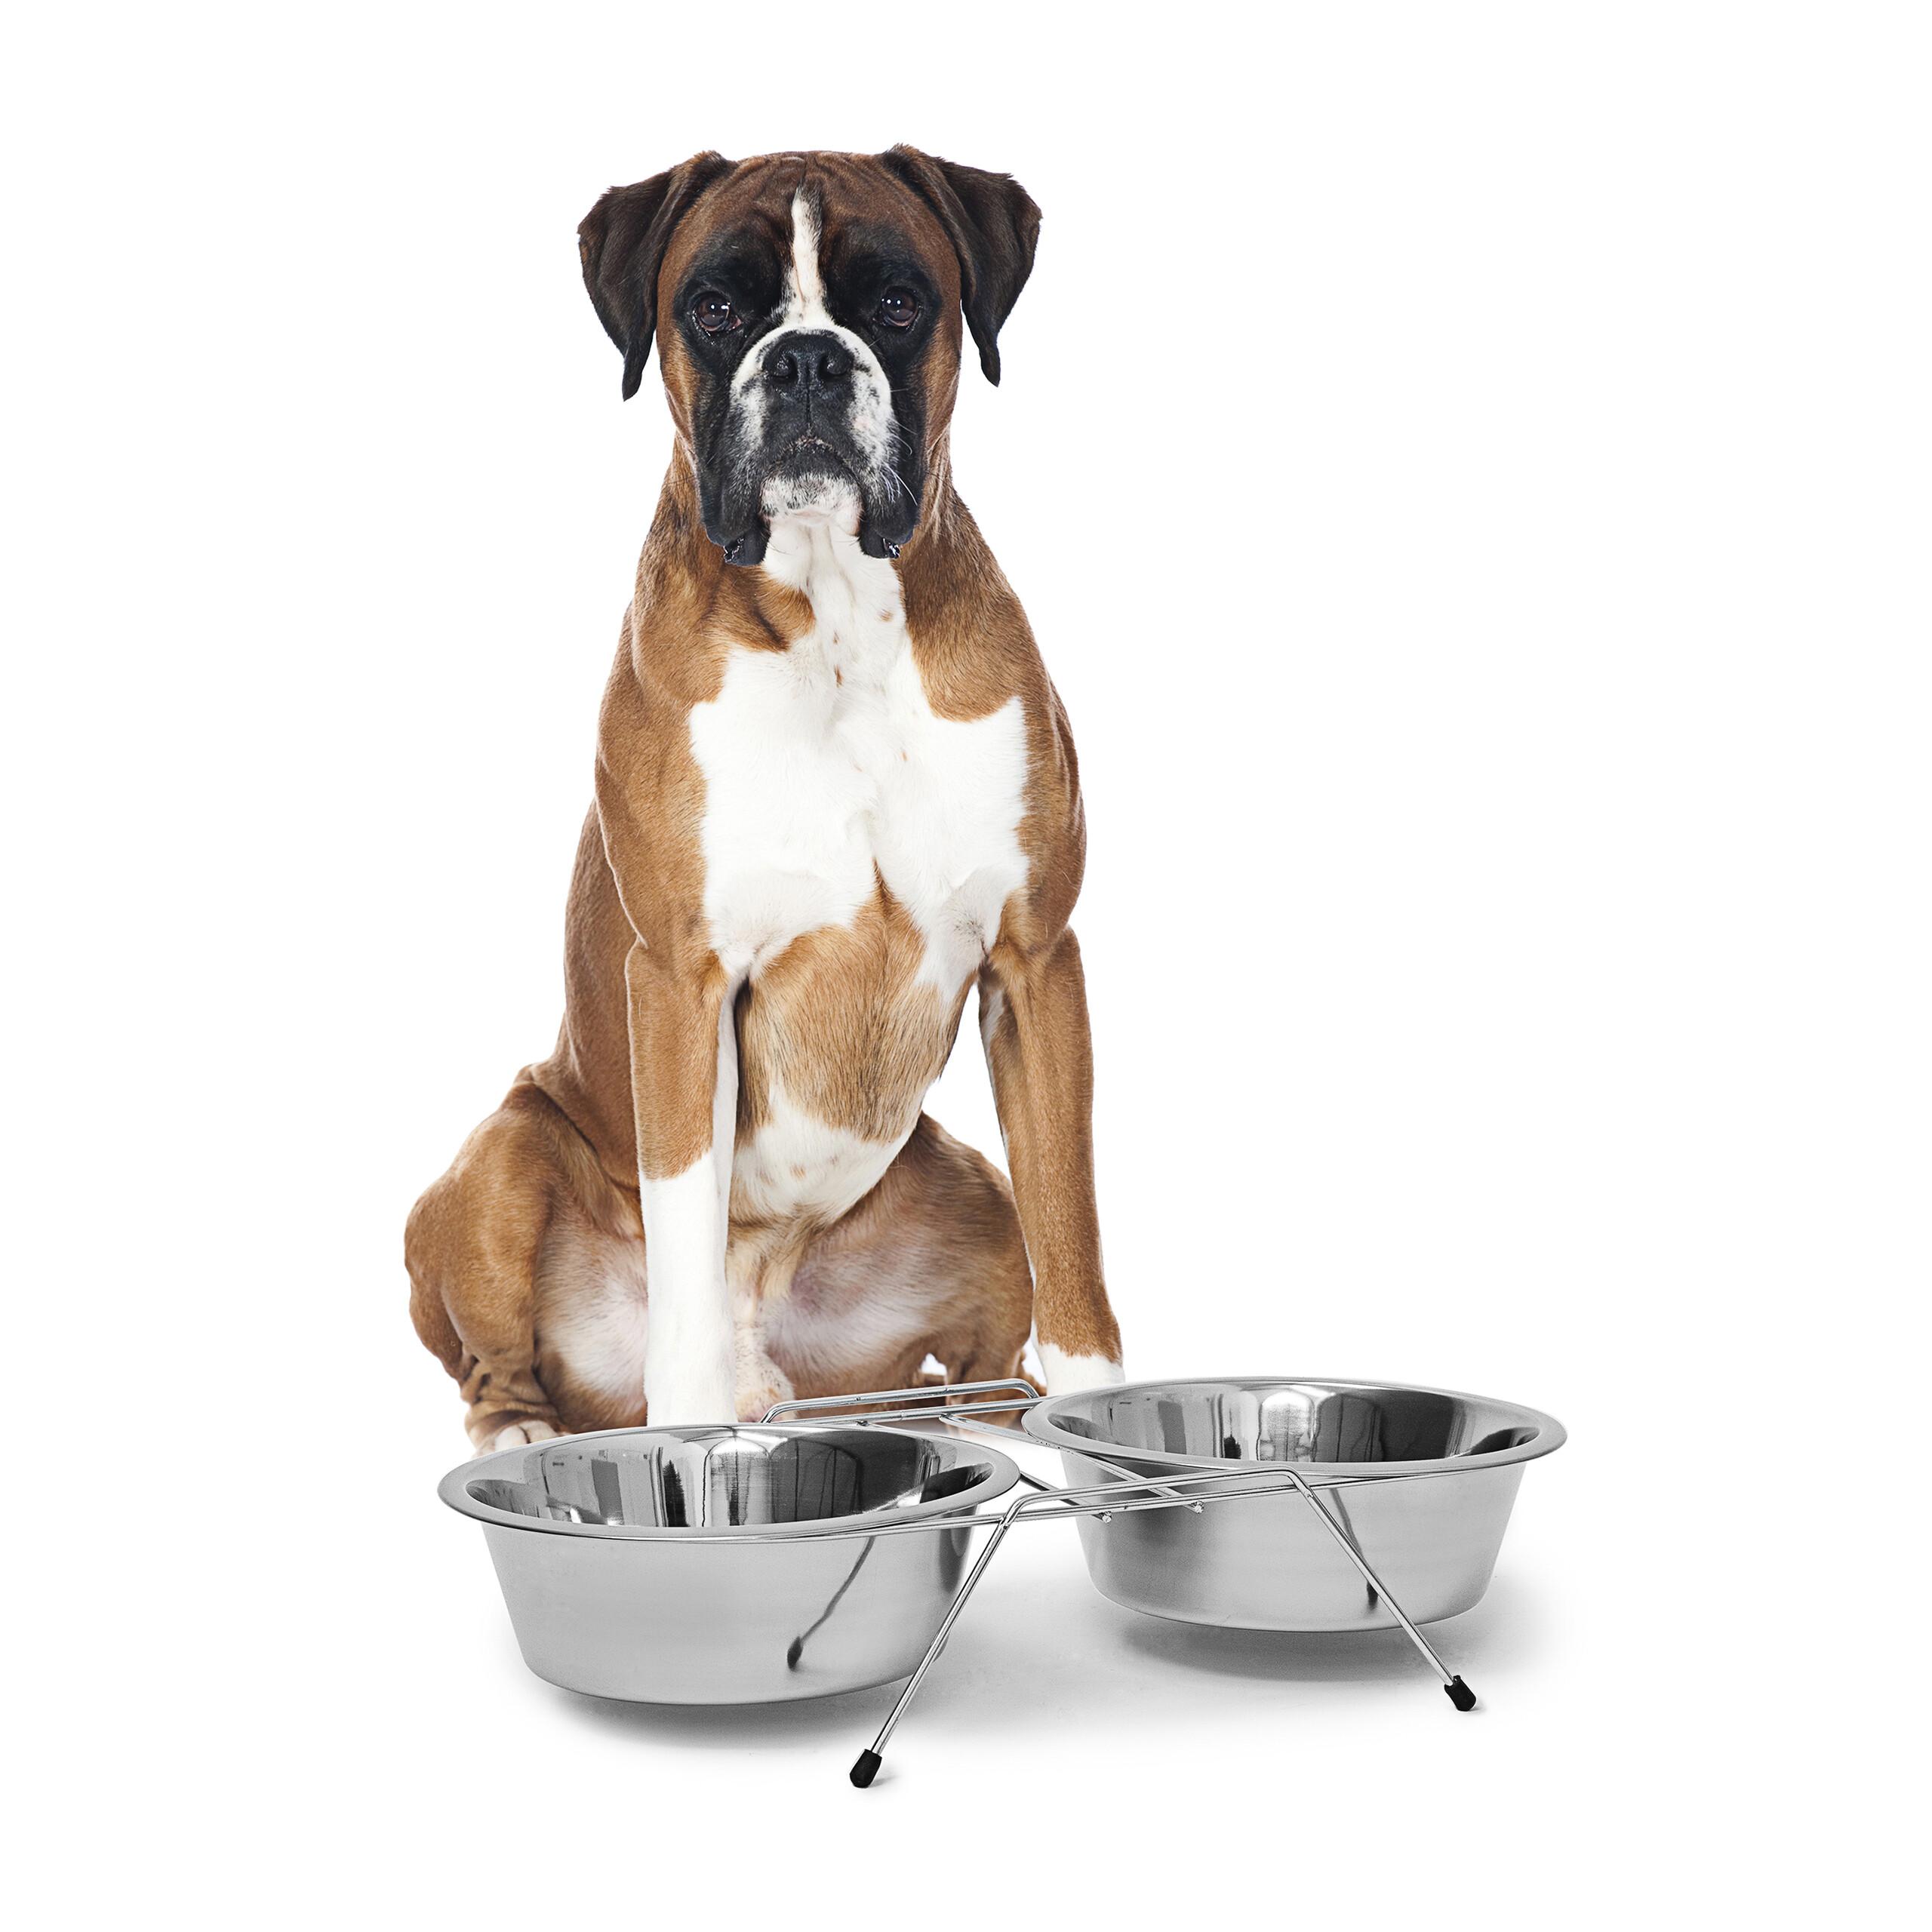 Soporte-con-2-cuencos-para-agua-y-comida-Perros-Gatos-acero-inoxidable